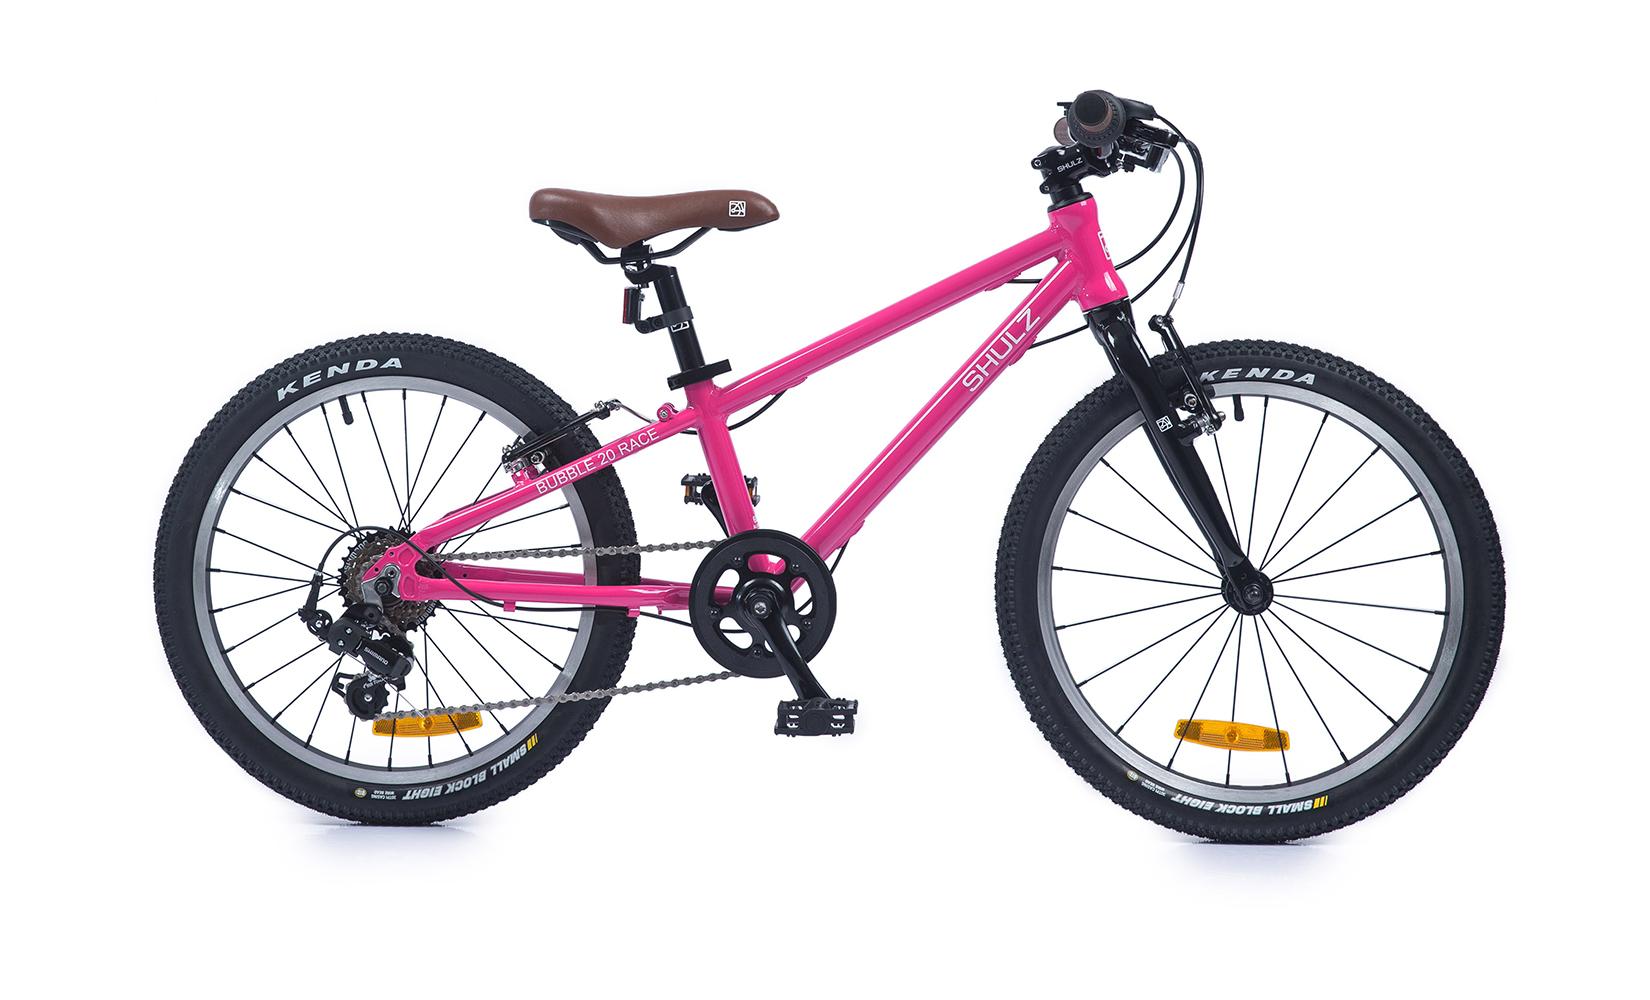 Купить Bubble 20 Race (2020) (One size), Детский велосипед Shulz Bubble 20 Race 2020 розовый, Детские двухколесные велосипеды